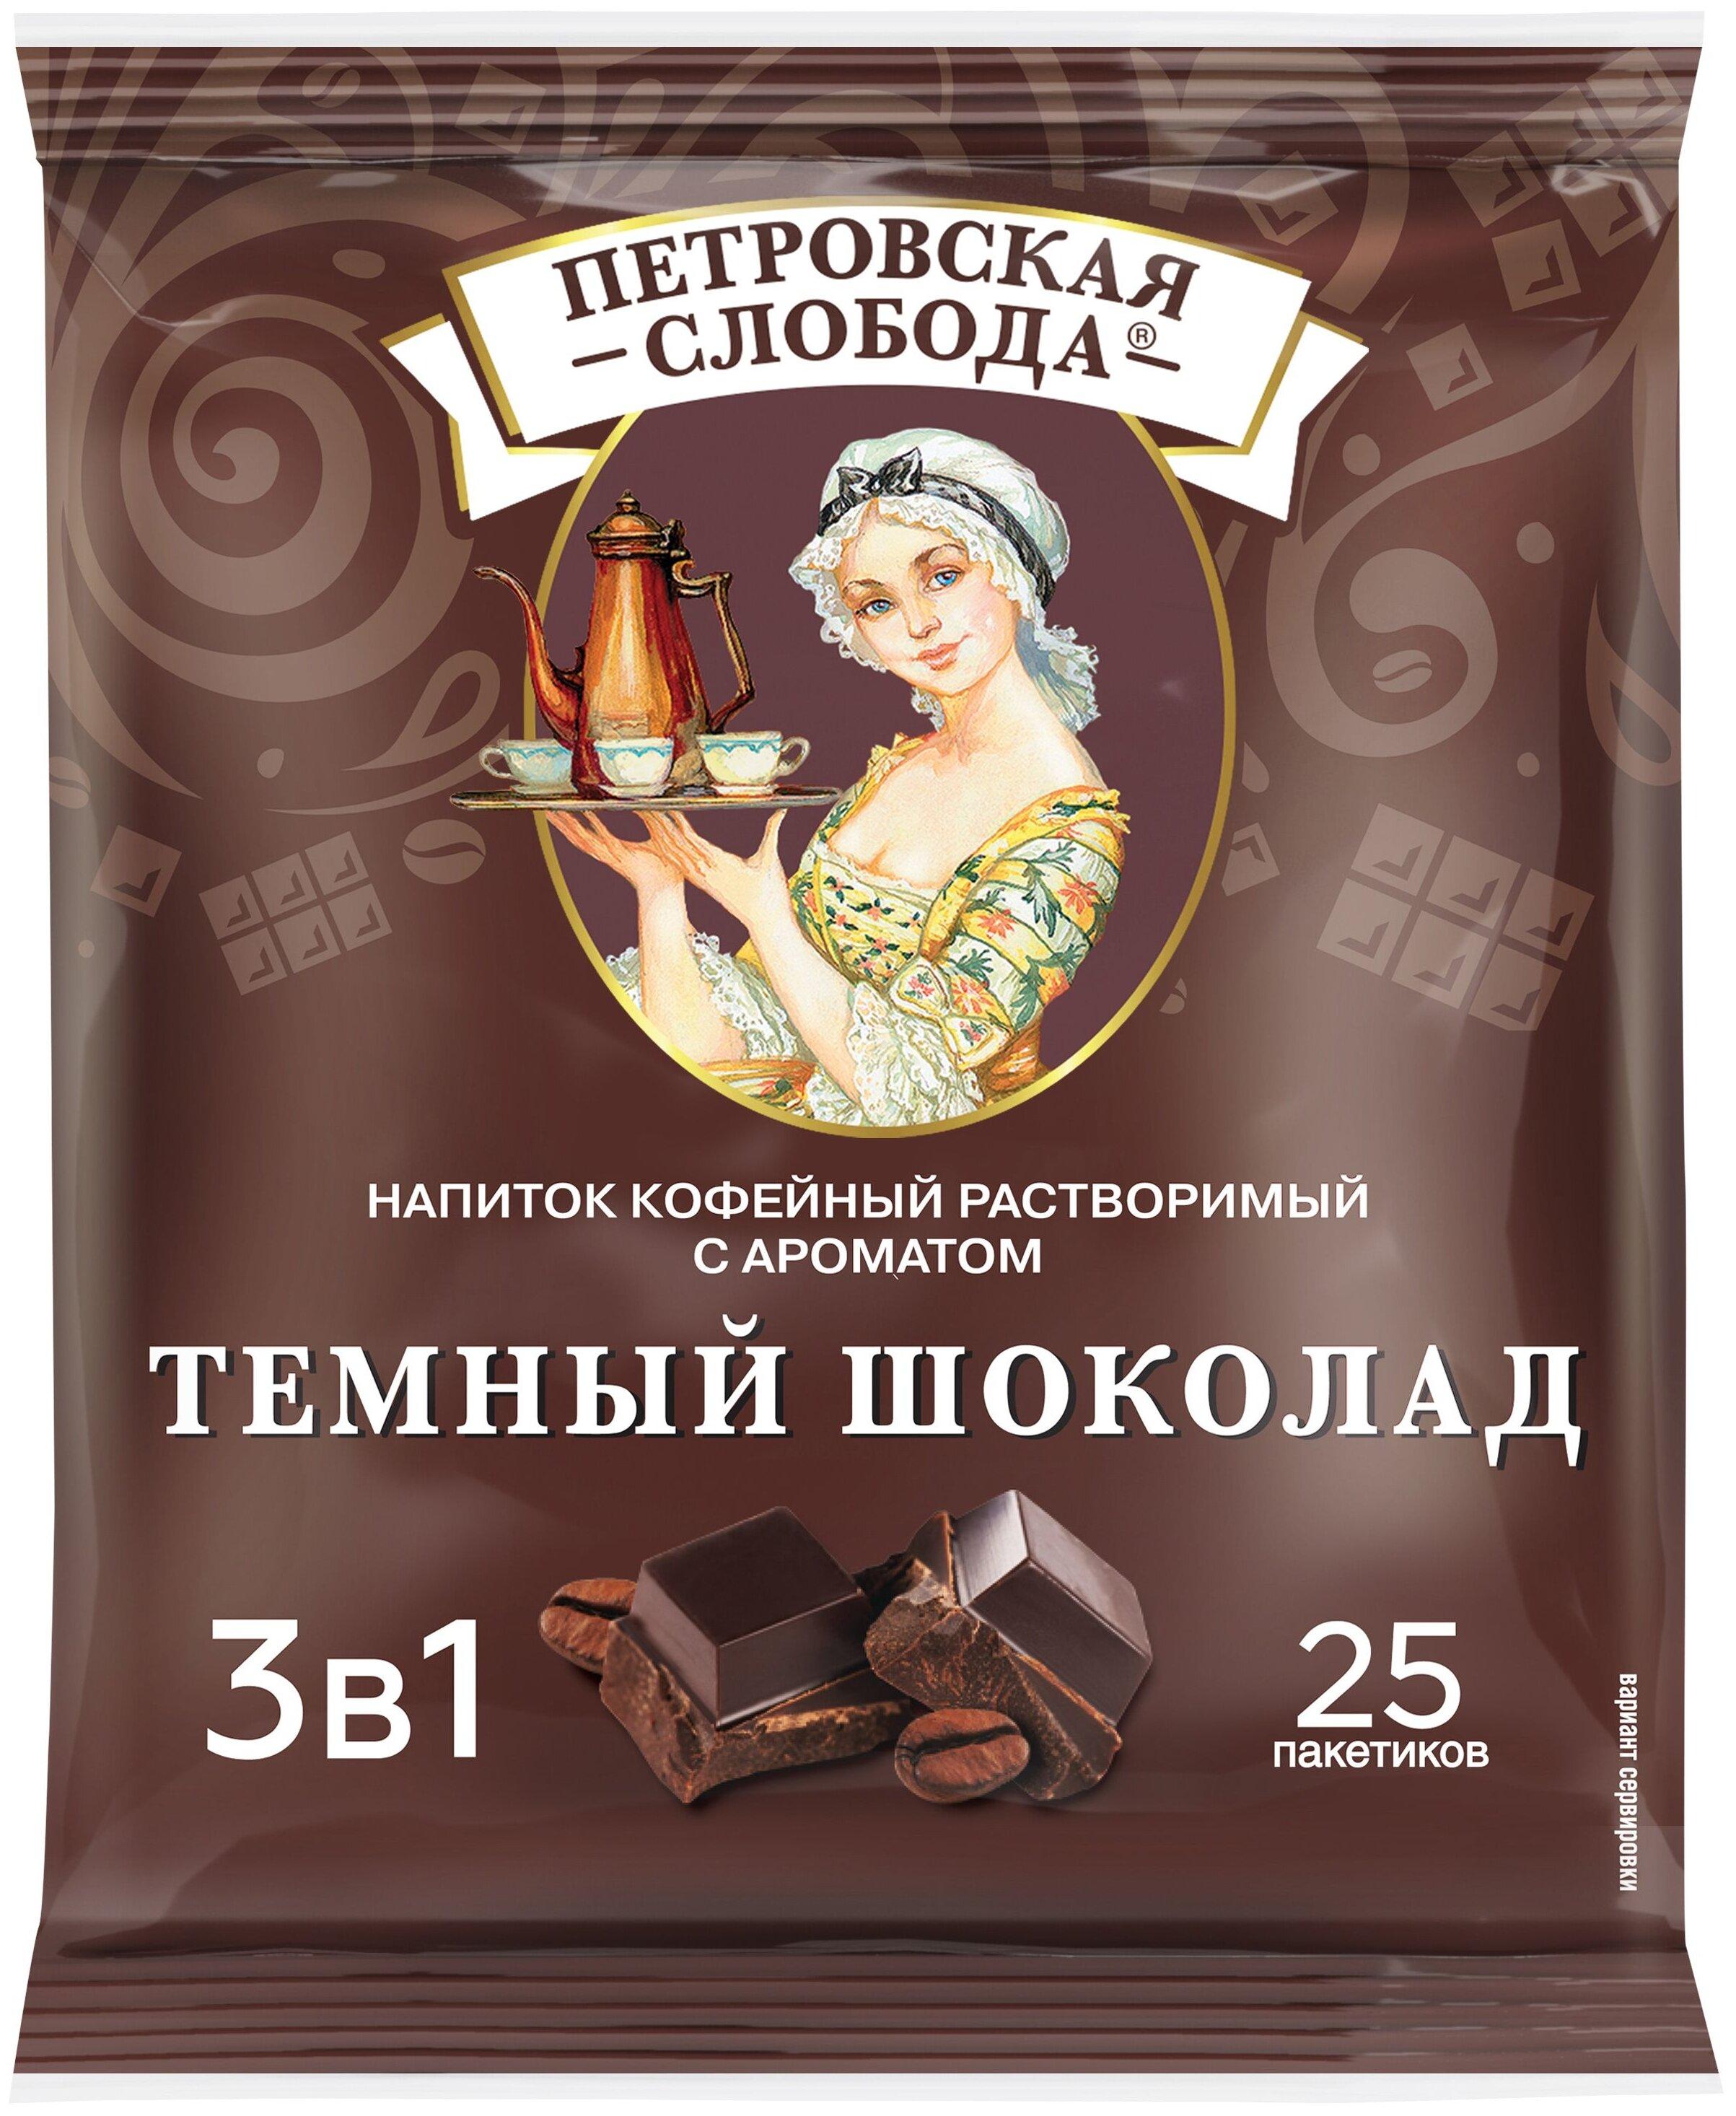 Купить Растворимый кофе Петровская слобода 3 в 1 Темный шоколад, в пакетиках, 25 шт., 450 г по низкой цене с доставкой из Яндекс.Маркета